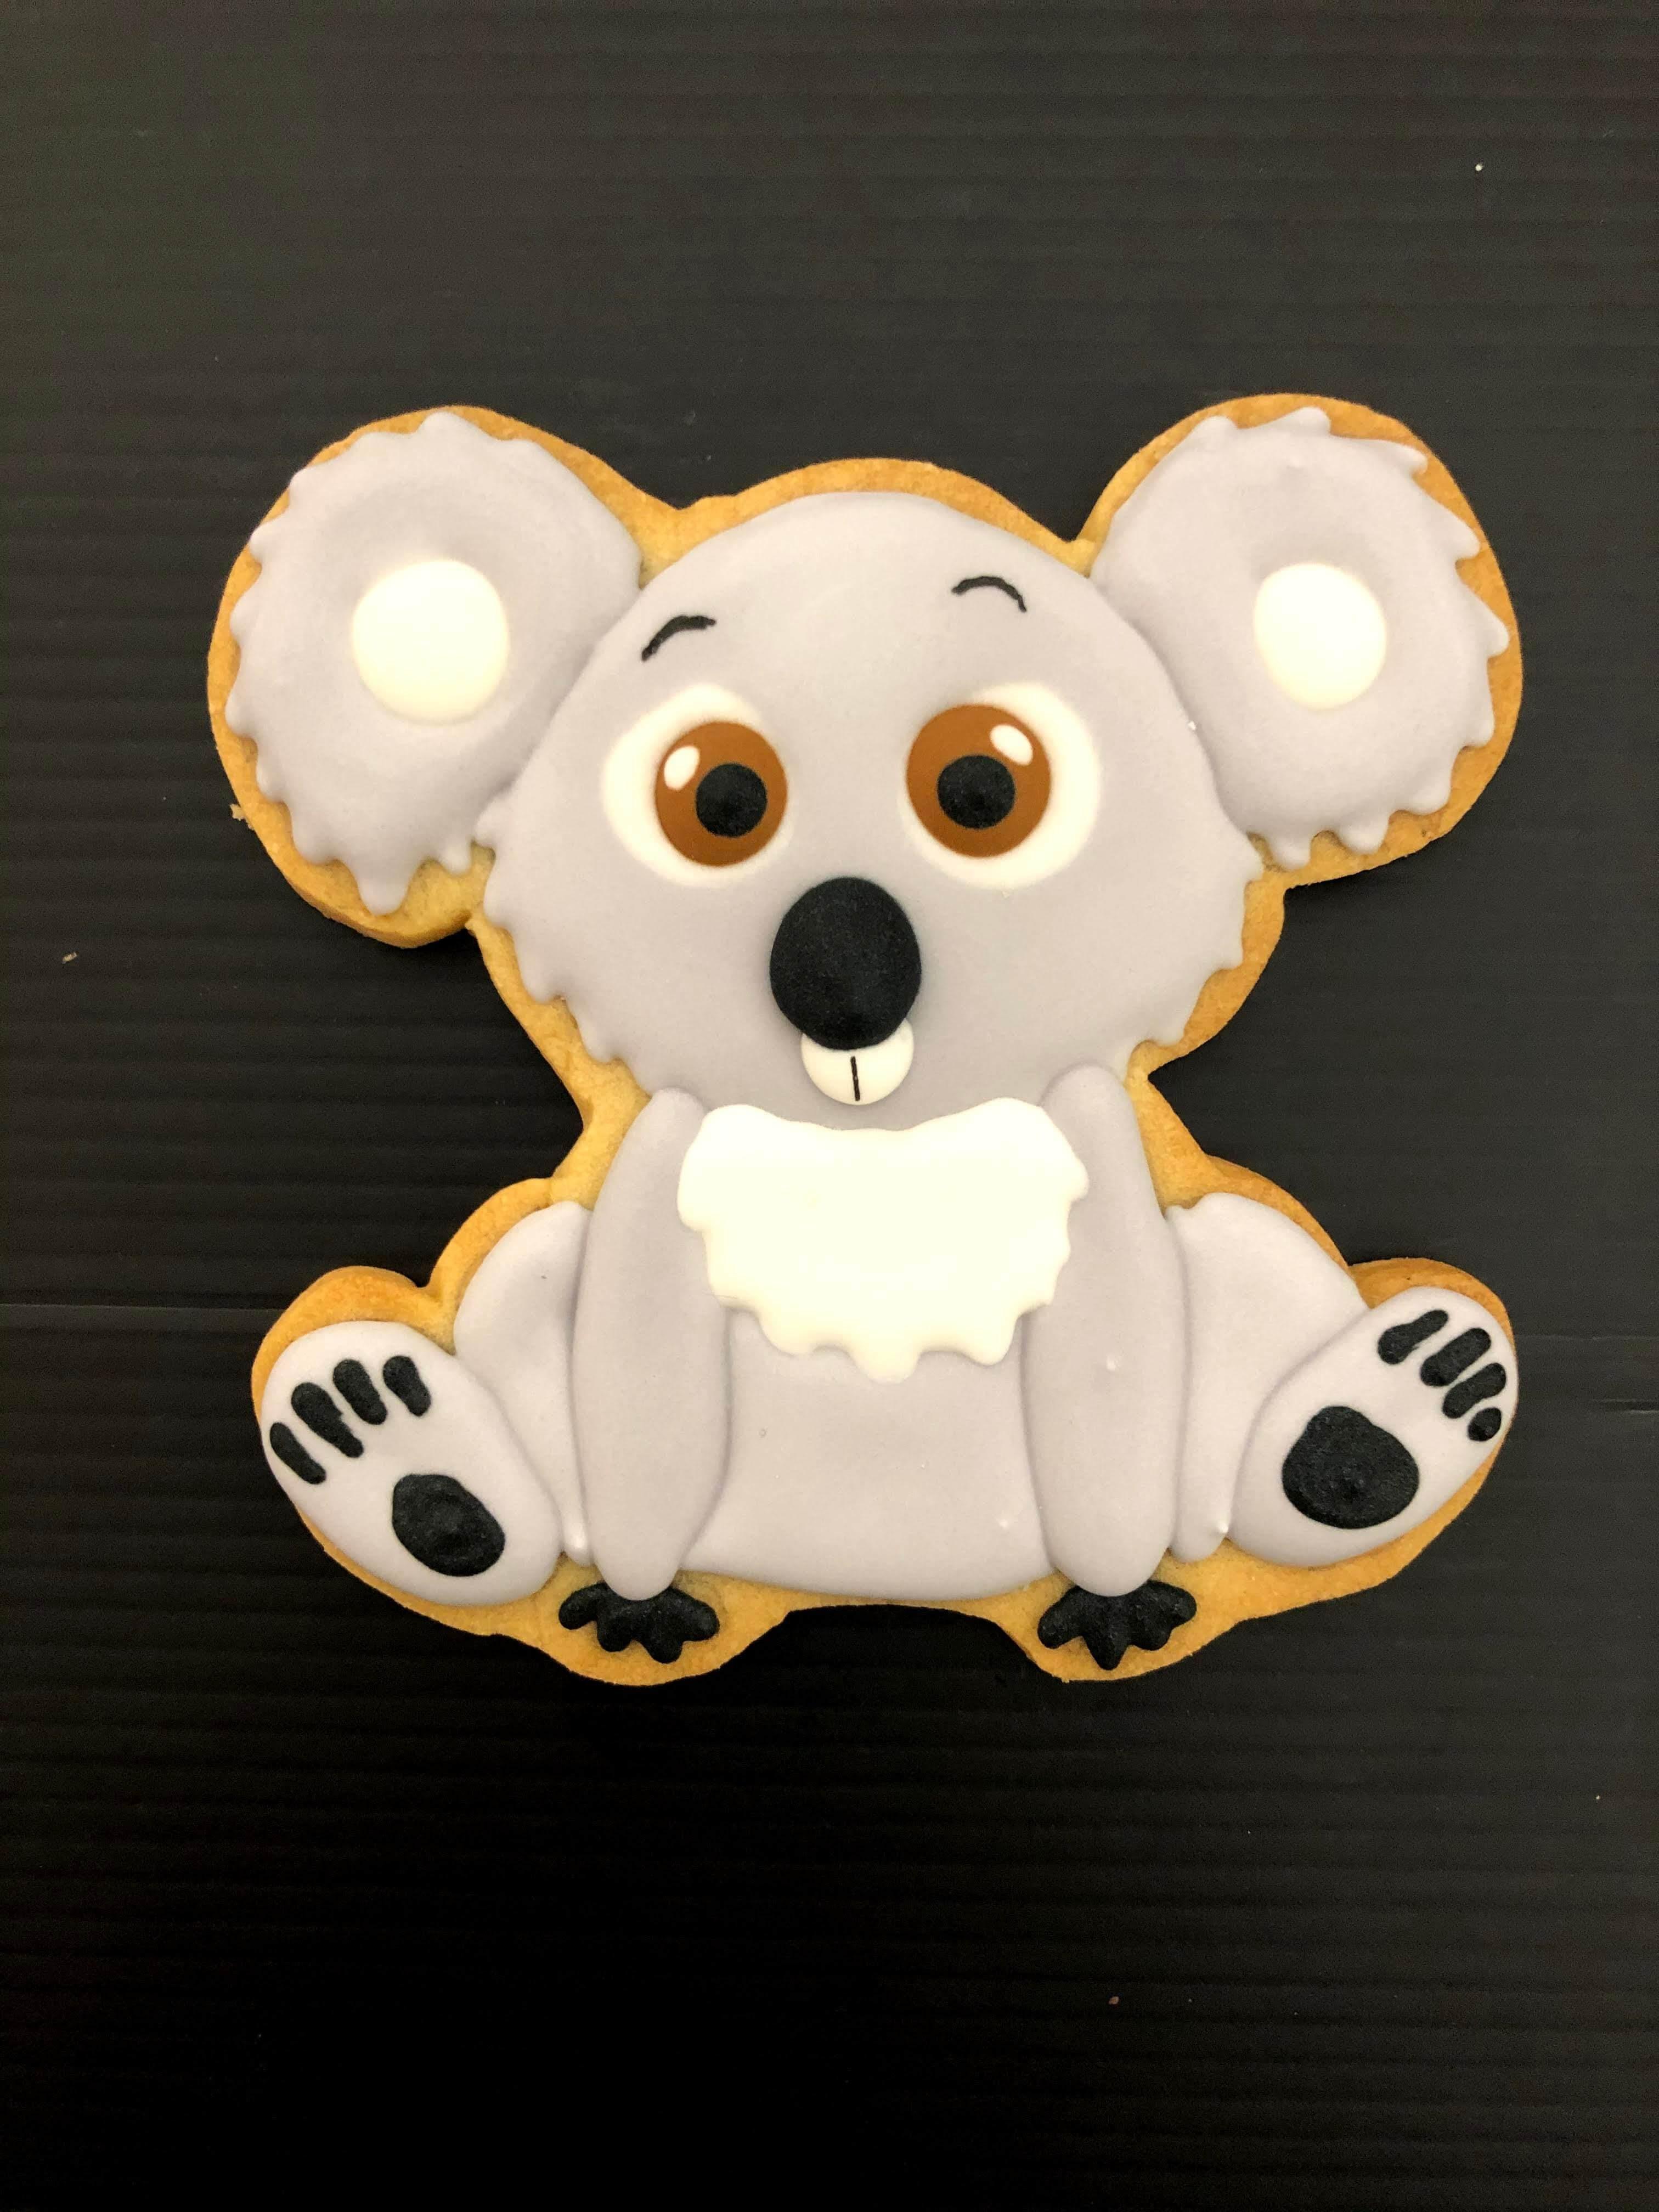 Galleta Decorada Koala personalizada coruña galleta koala